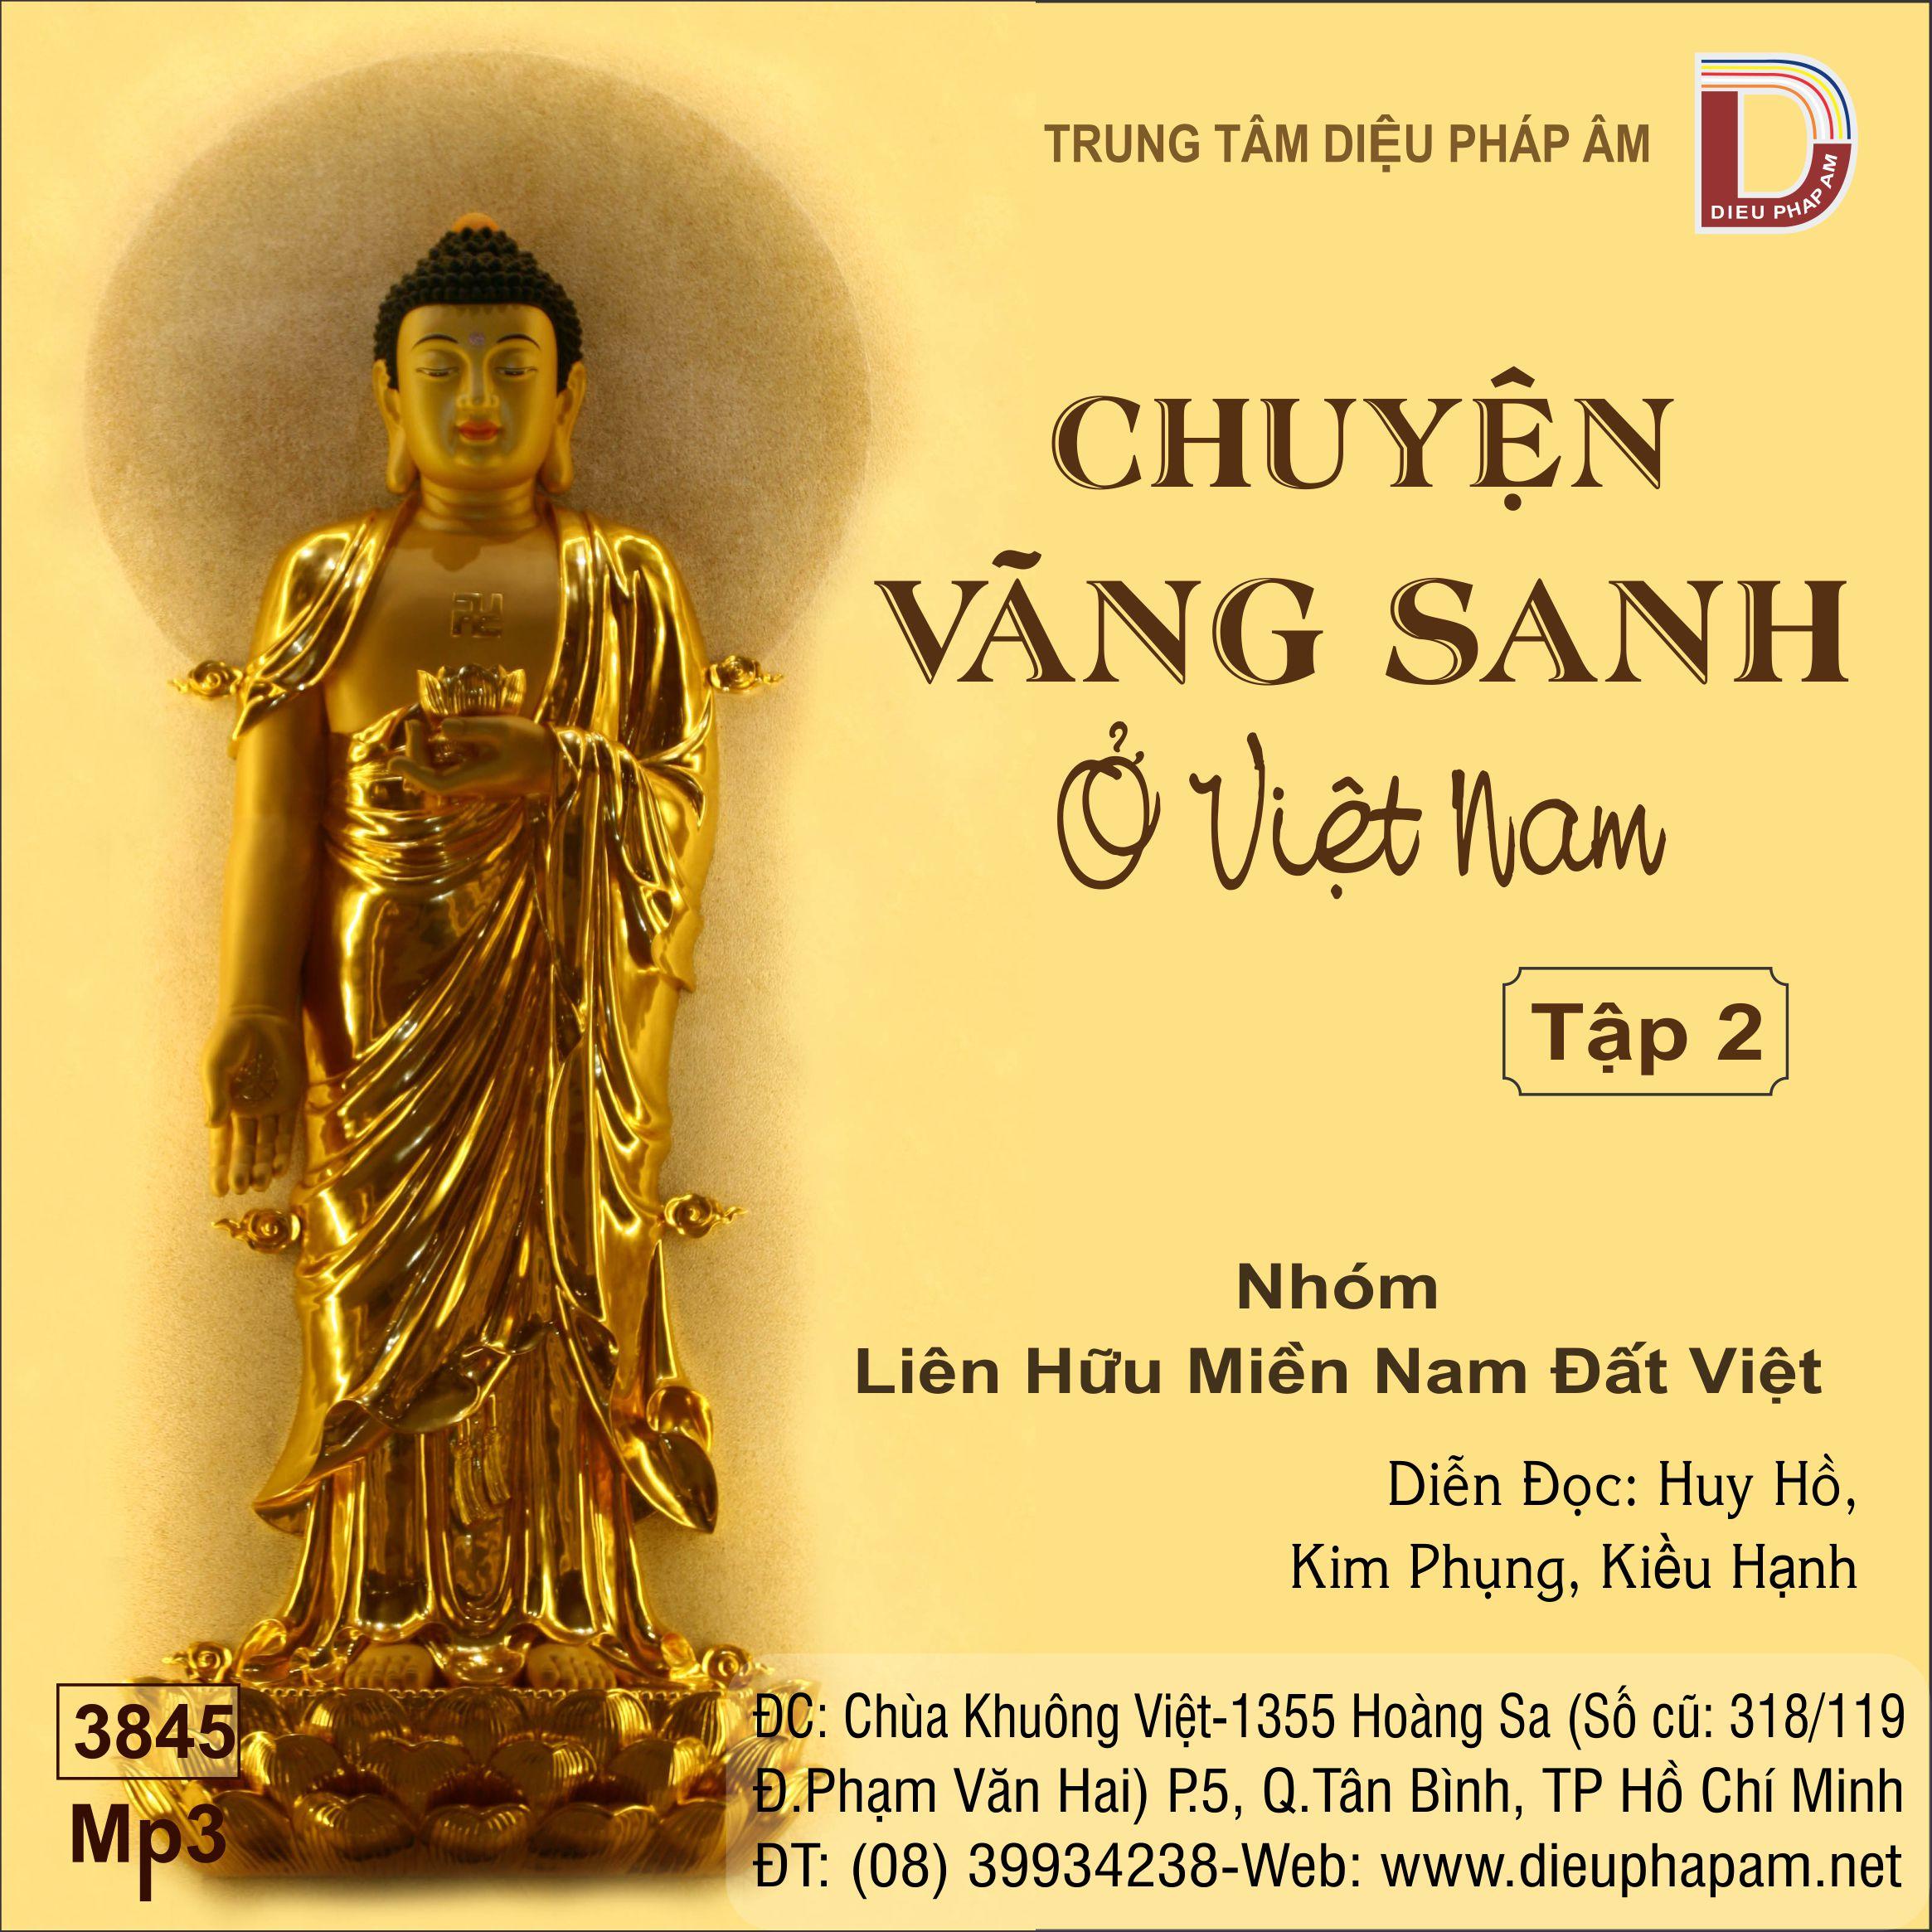 Chuyện vãng sanh ở Việt Nam - Tập 2